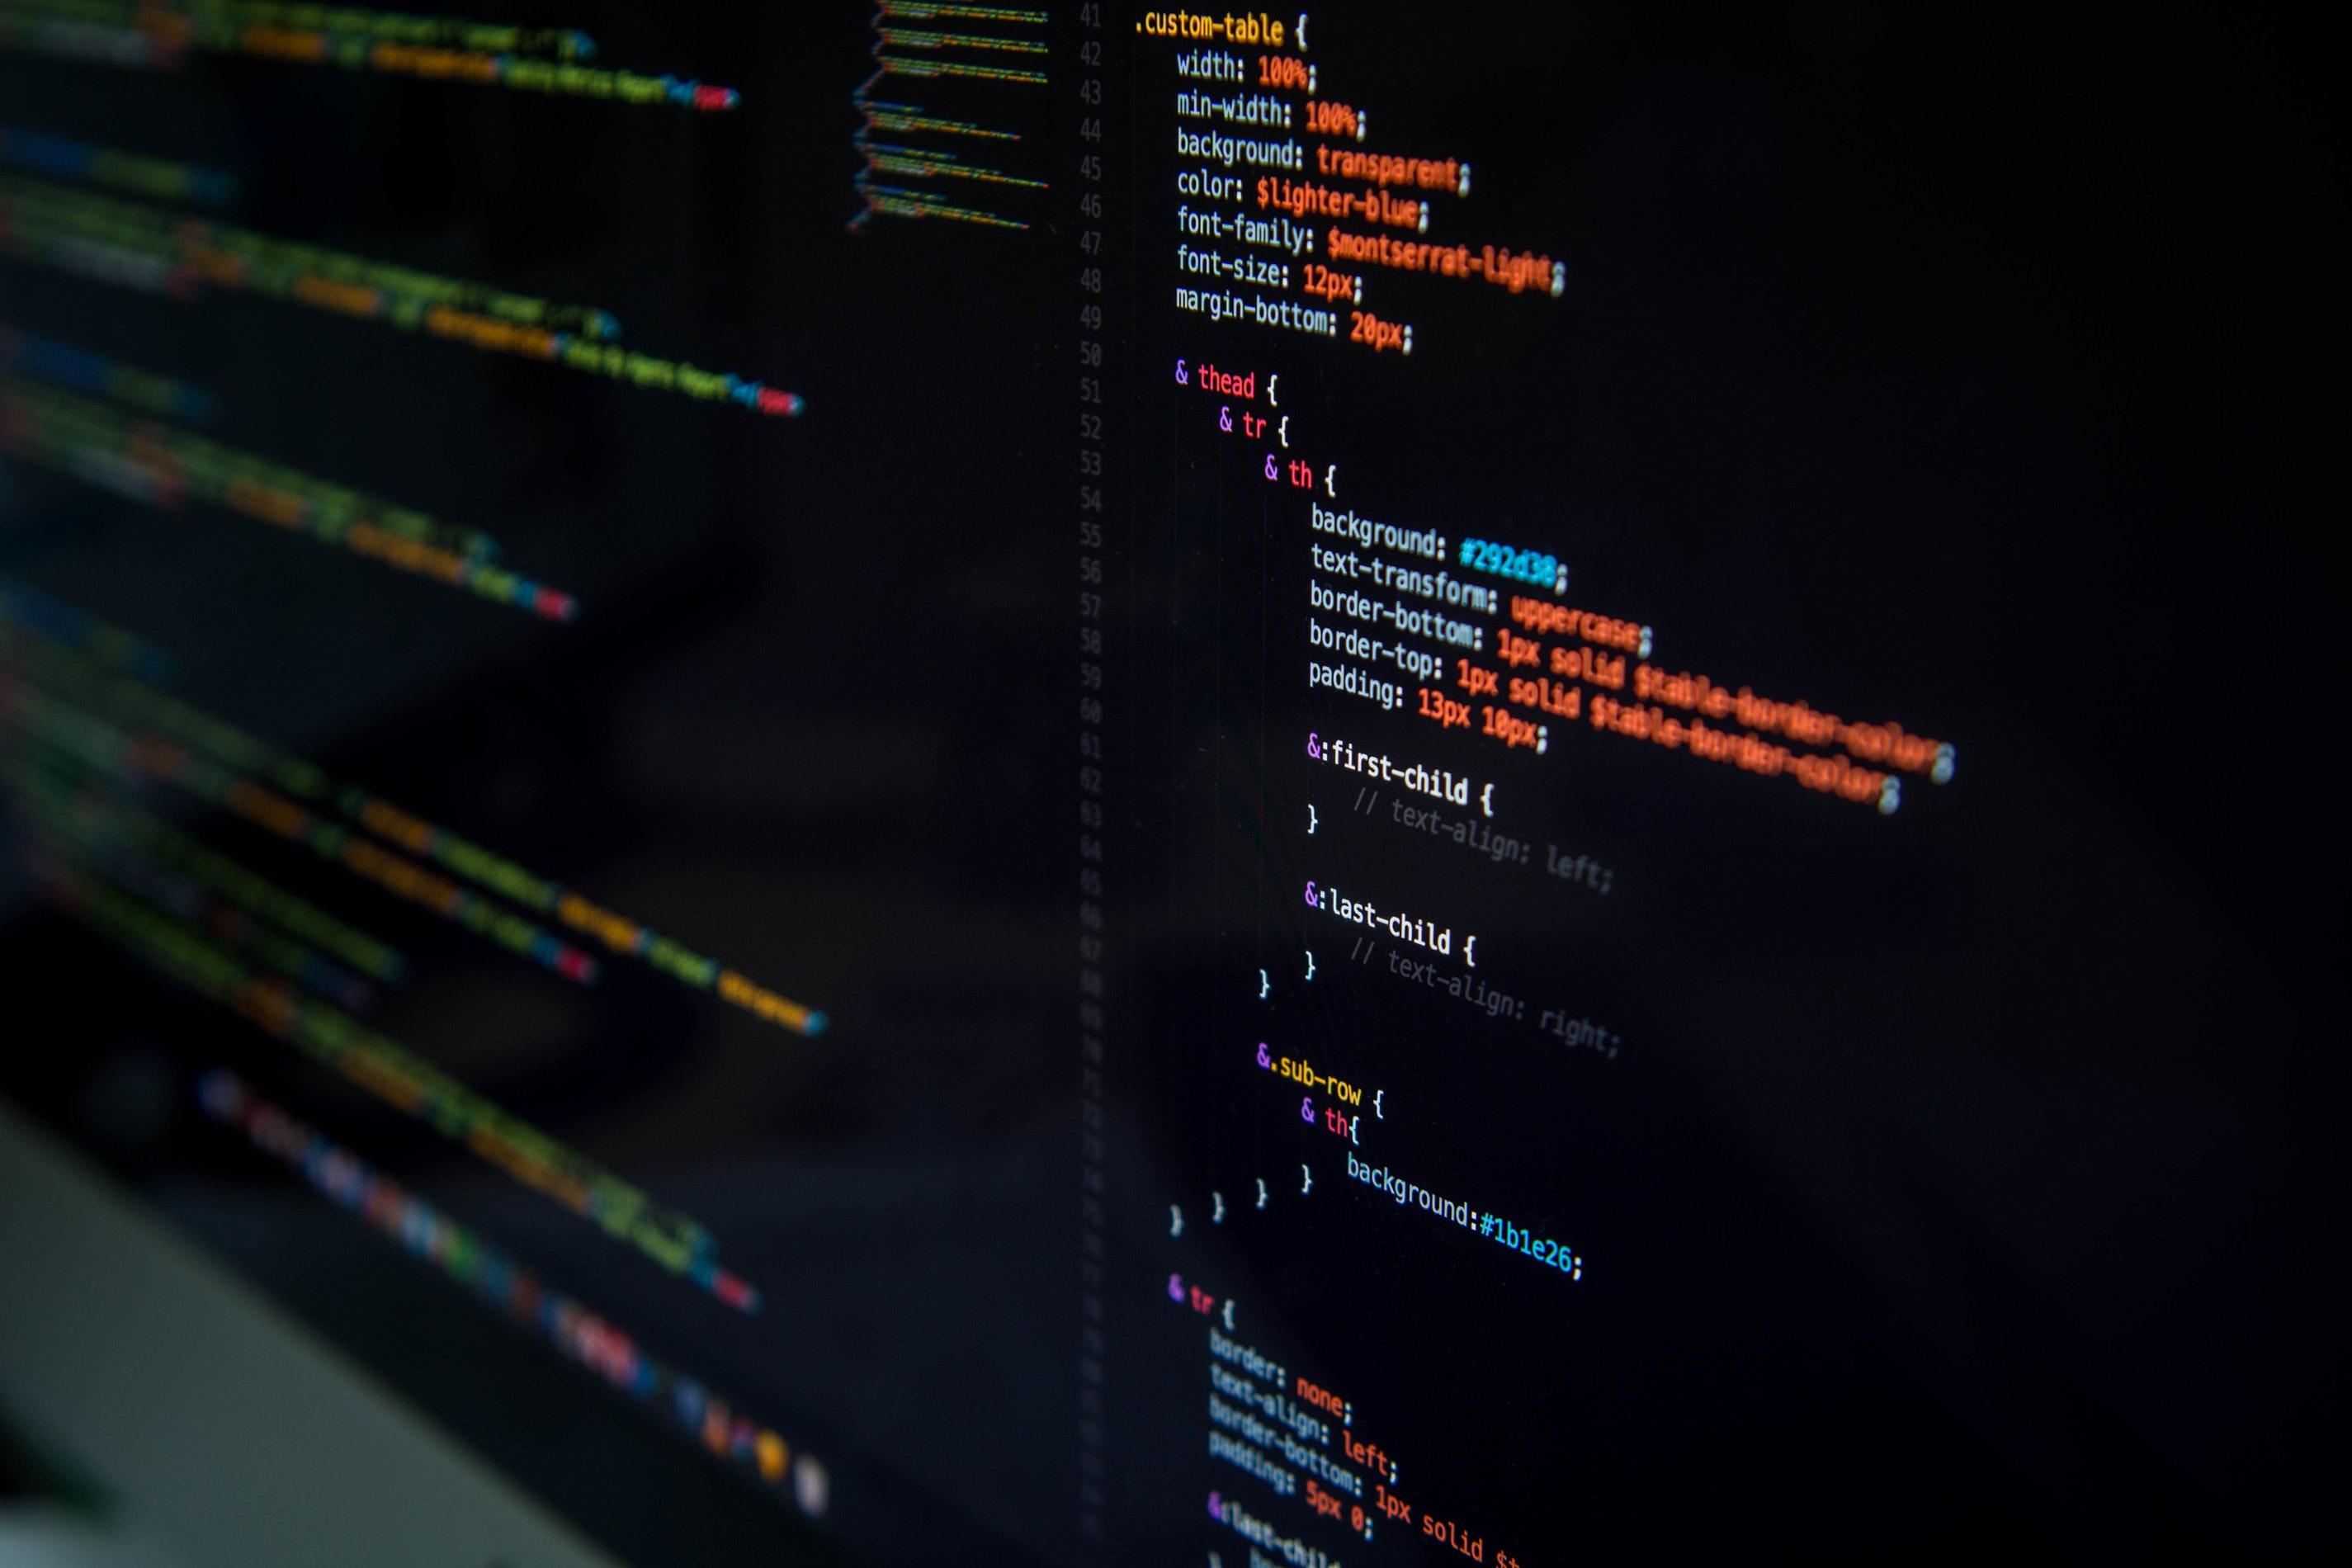 如何优雅的在Github上参与开源项目贡献自己的代码